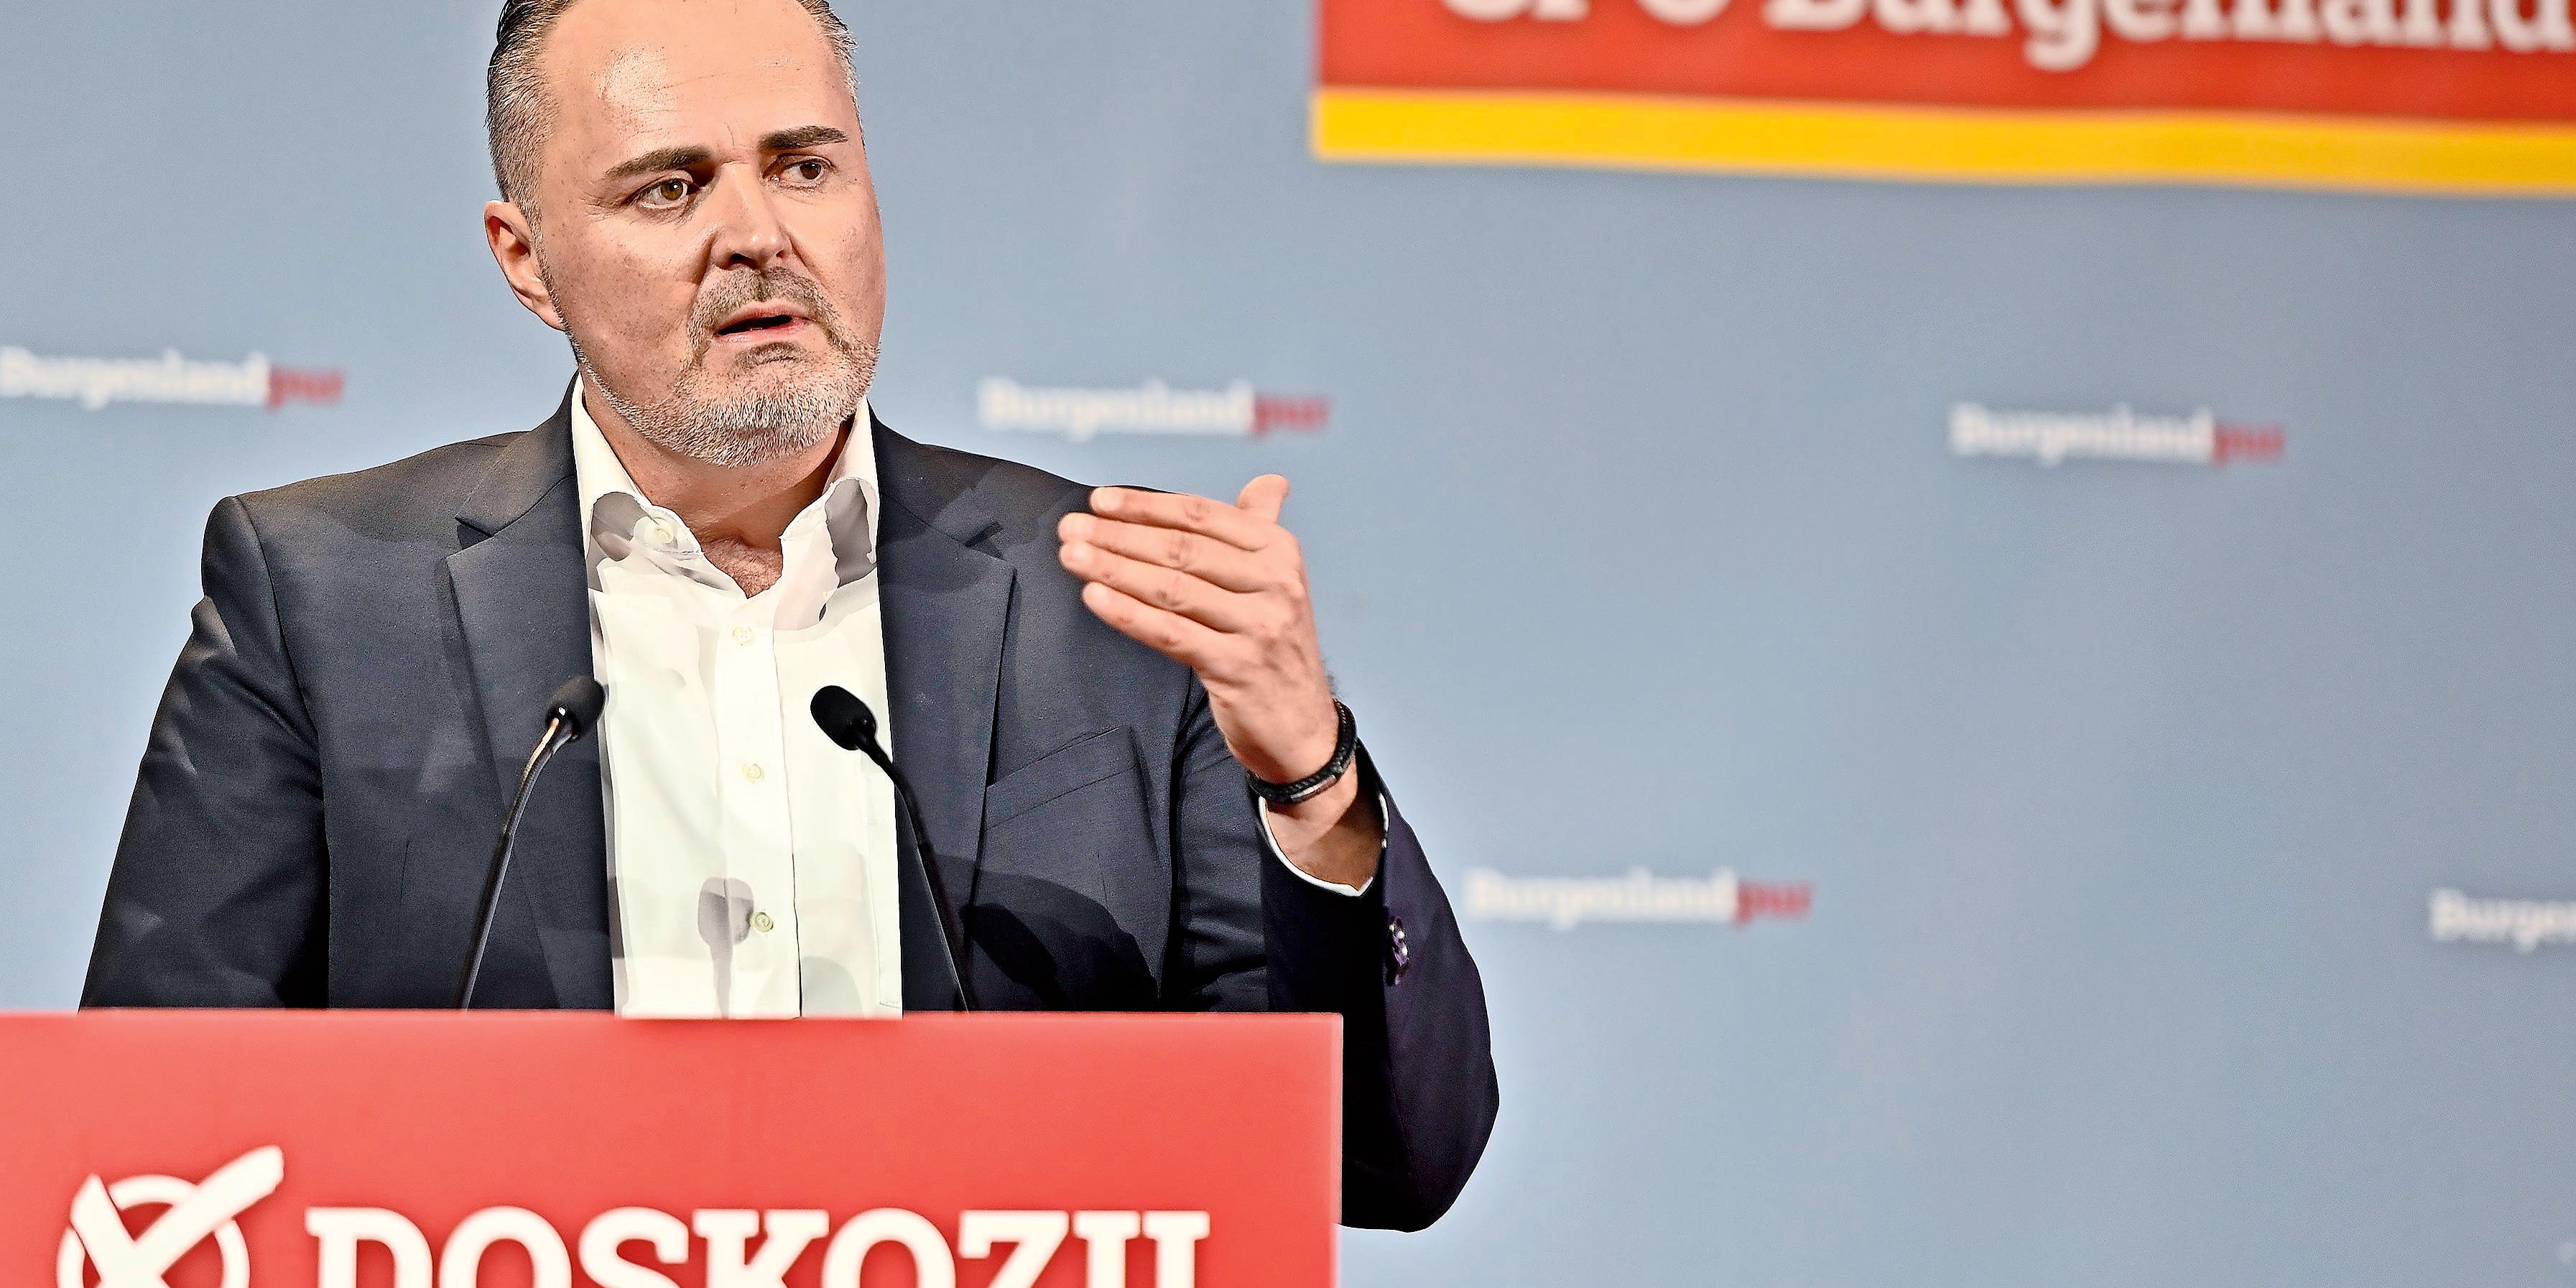 Doskozil